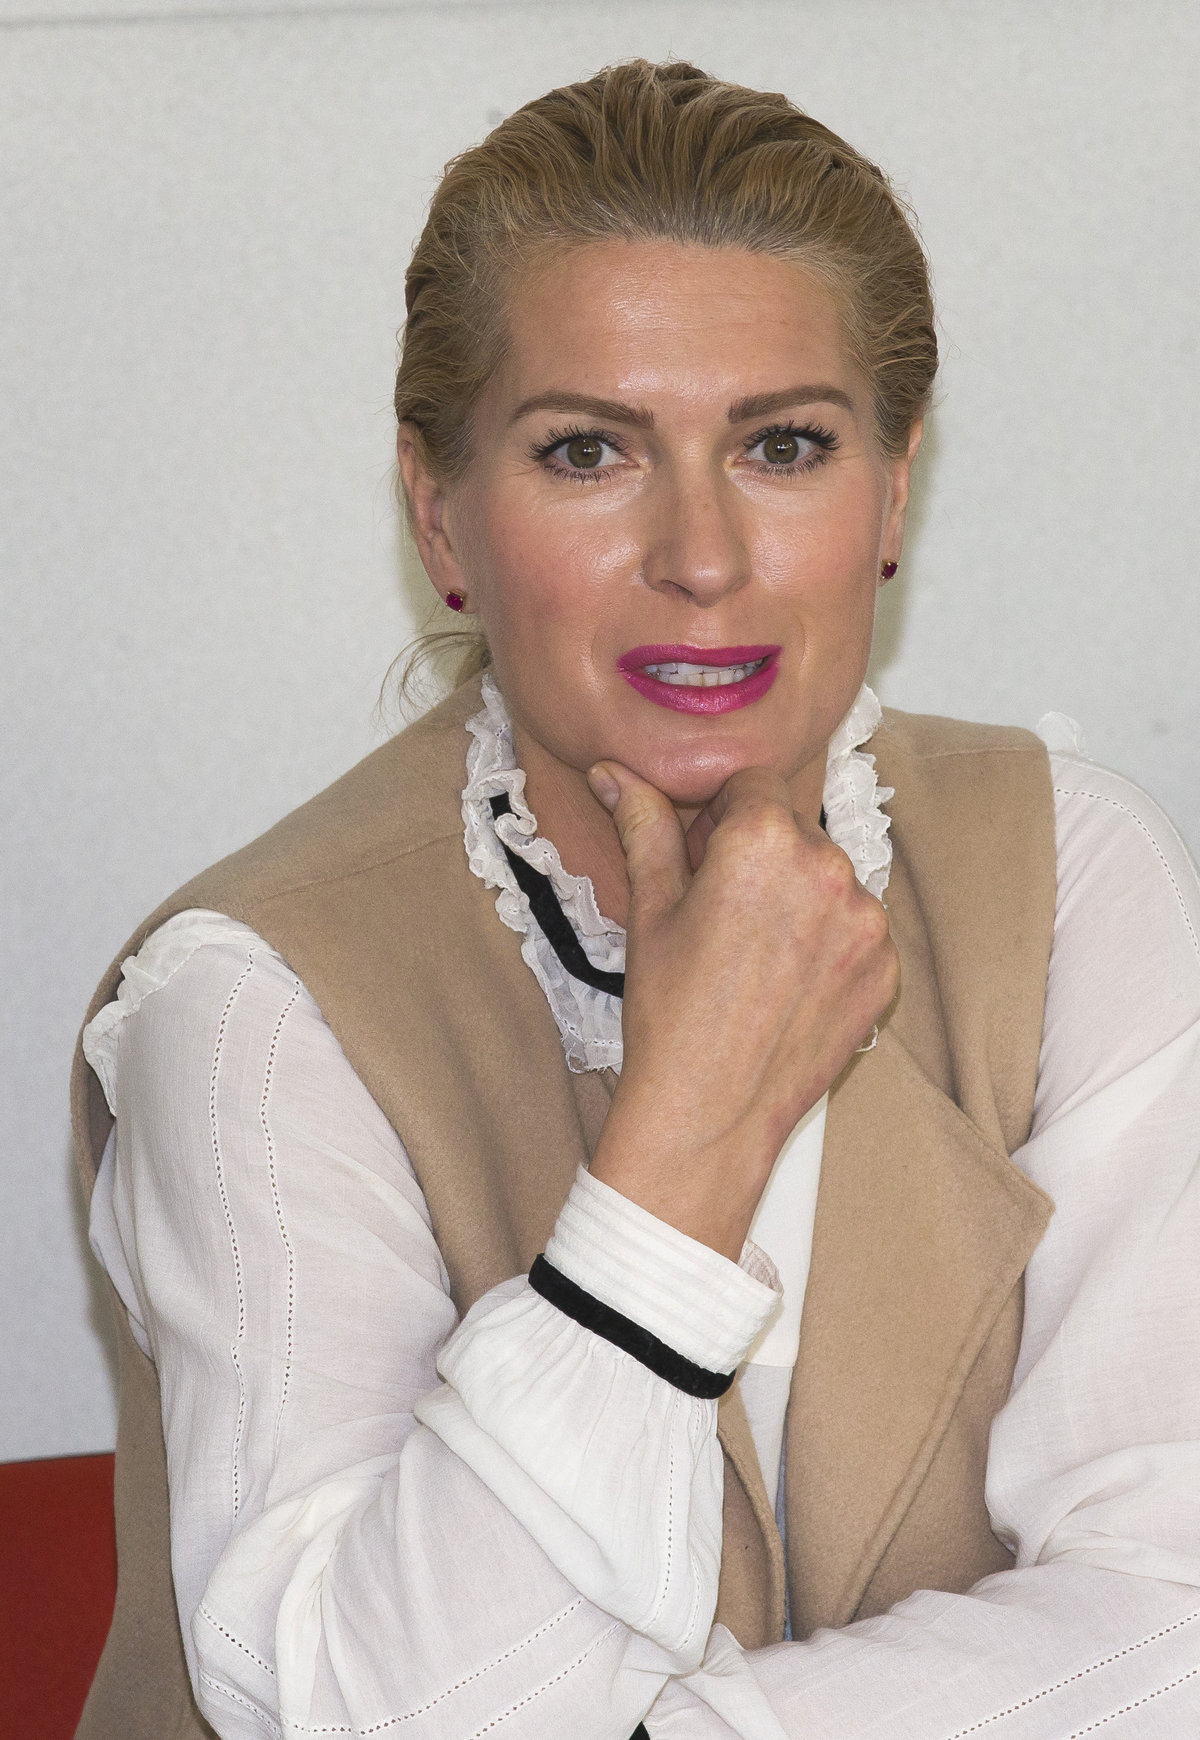 Olga přiznala, že se teprve po kolapsu manžela, necjala očkovat